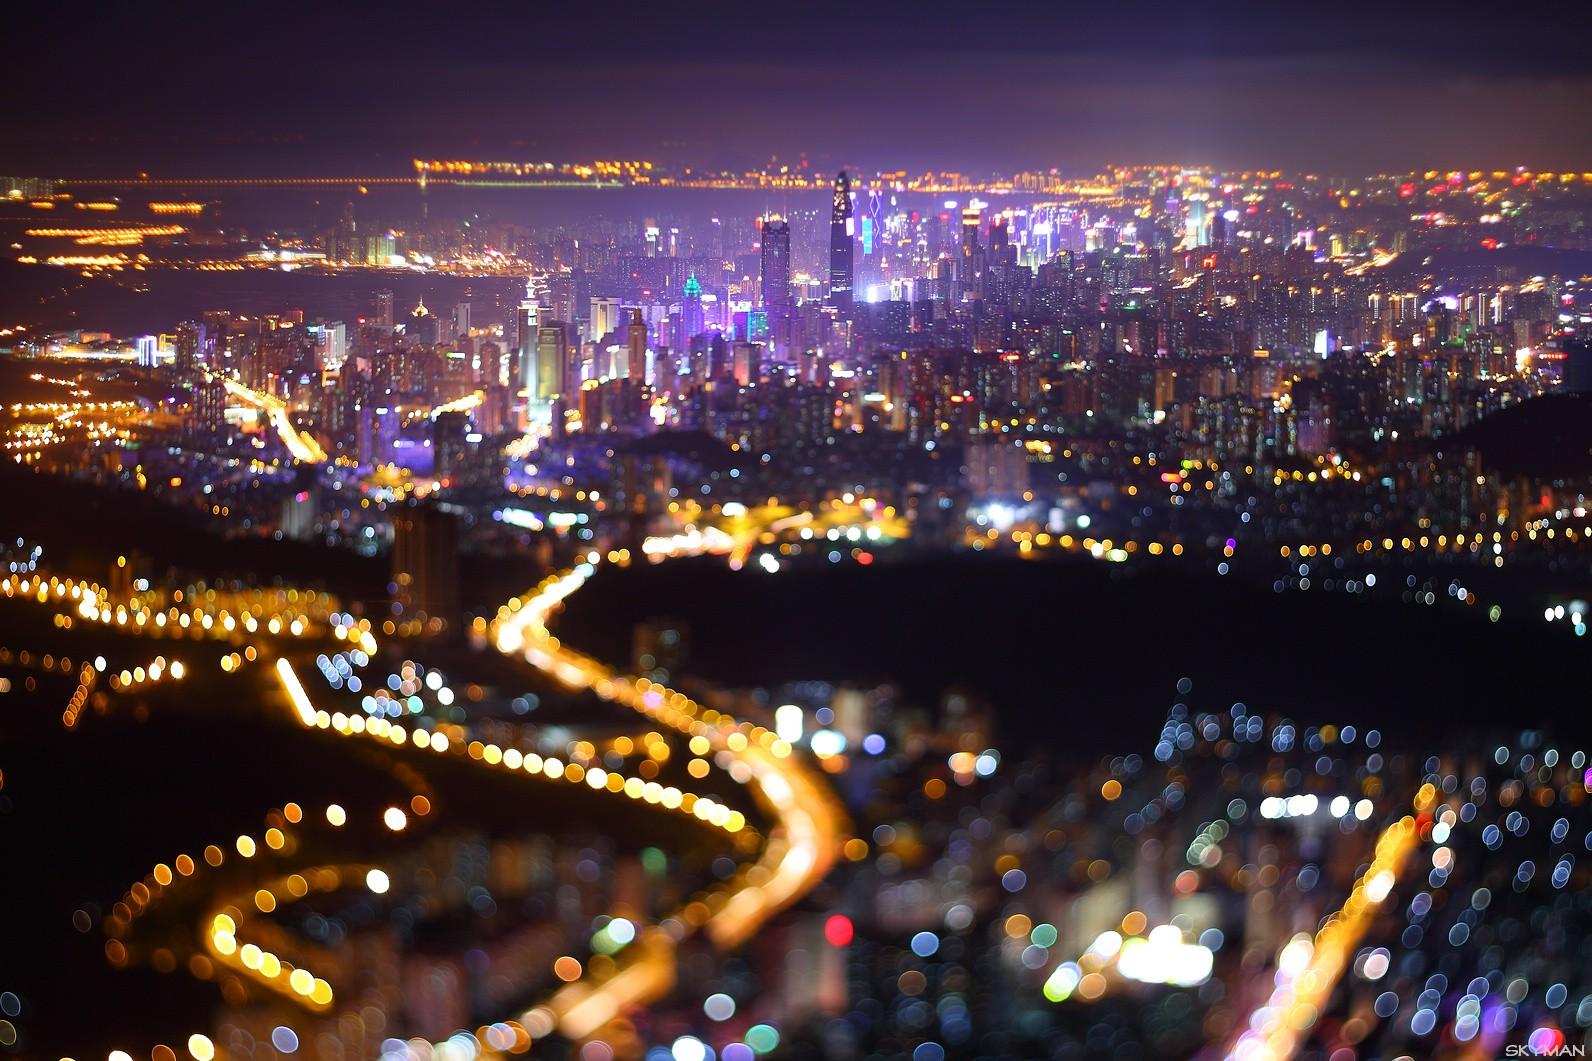 Re:[原创]----夜  色  鸟瞰鹏城----